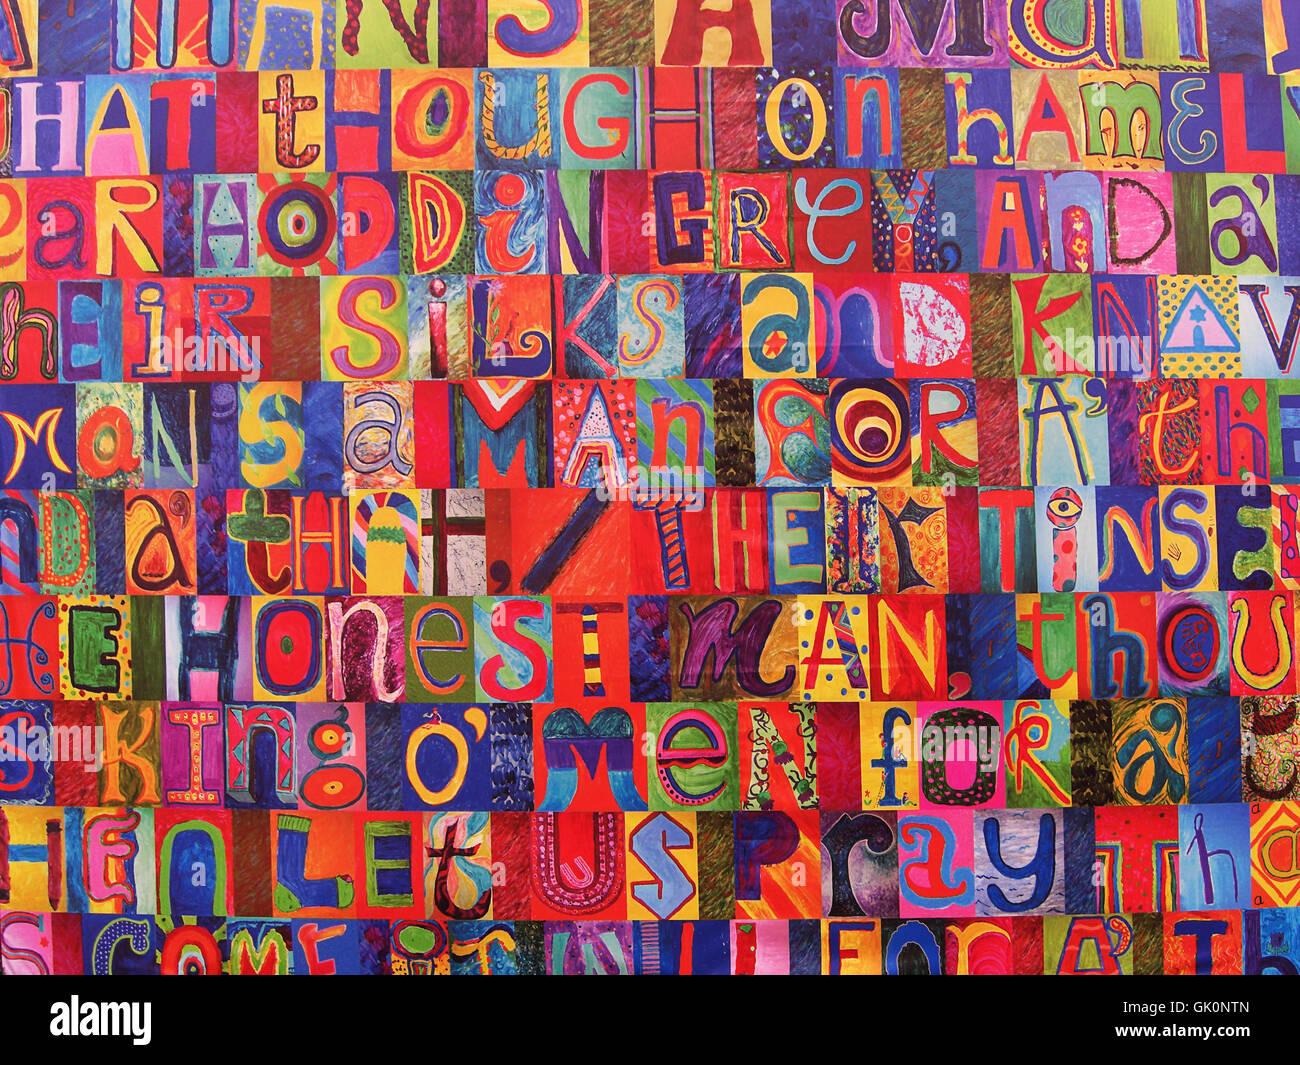 art daub graffiti - Stock Image